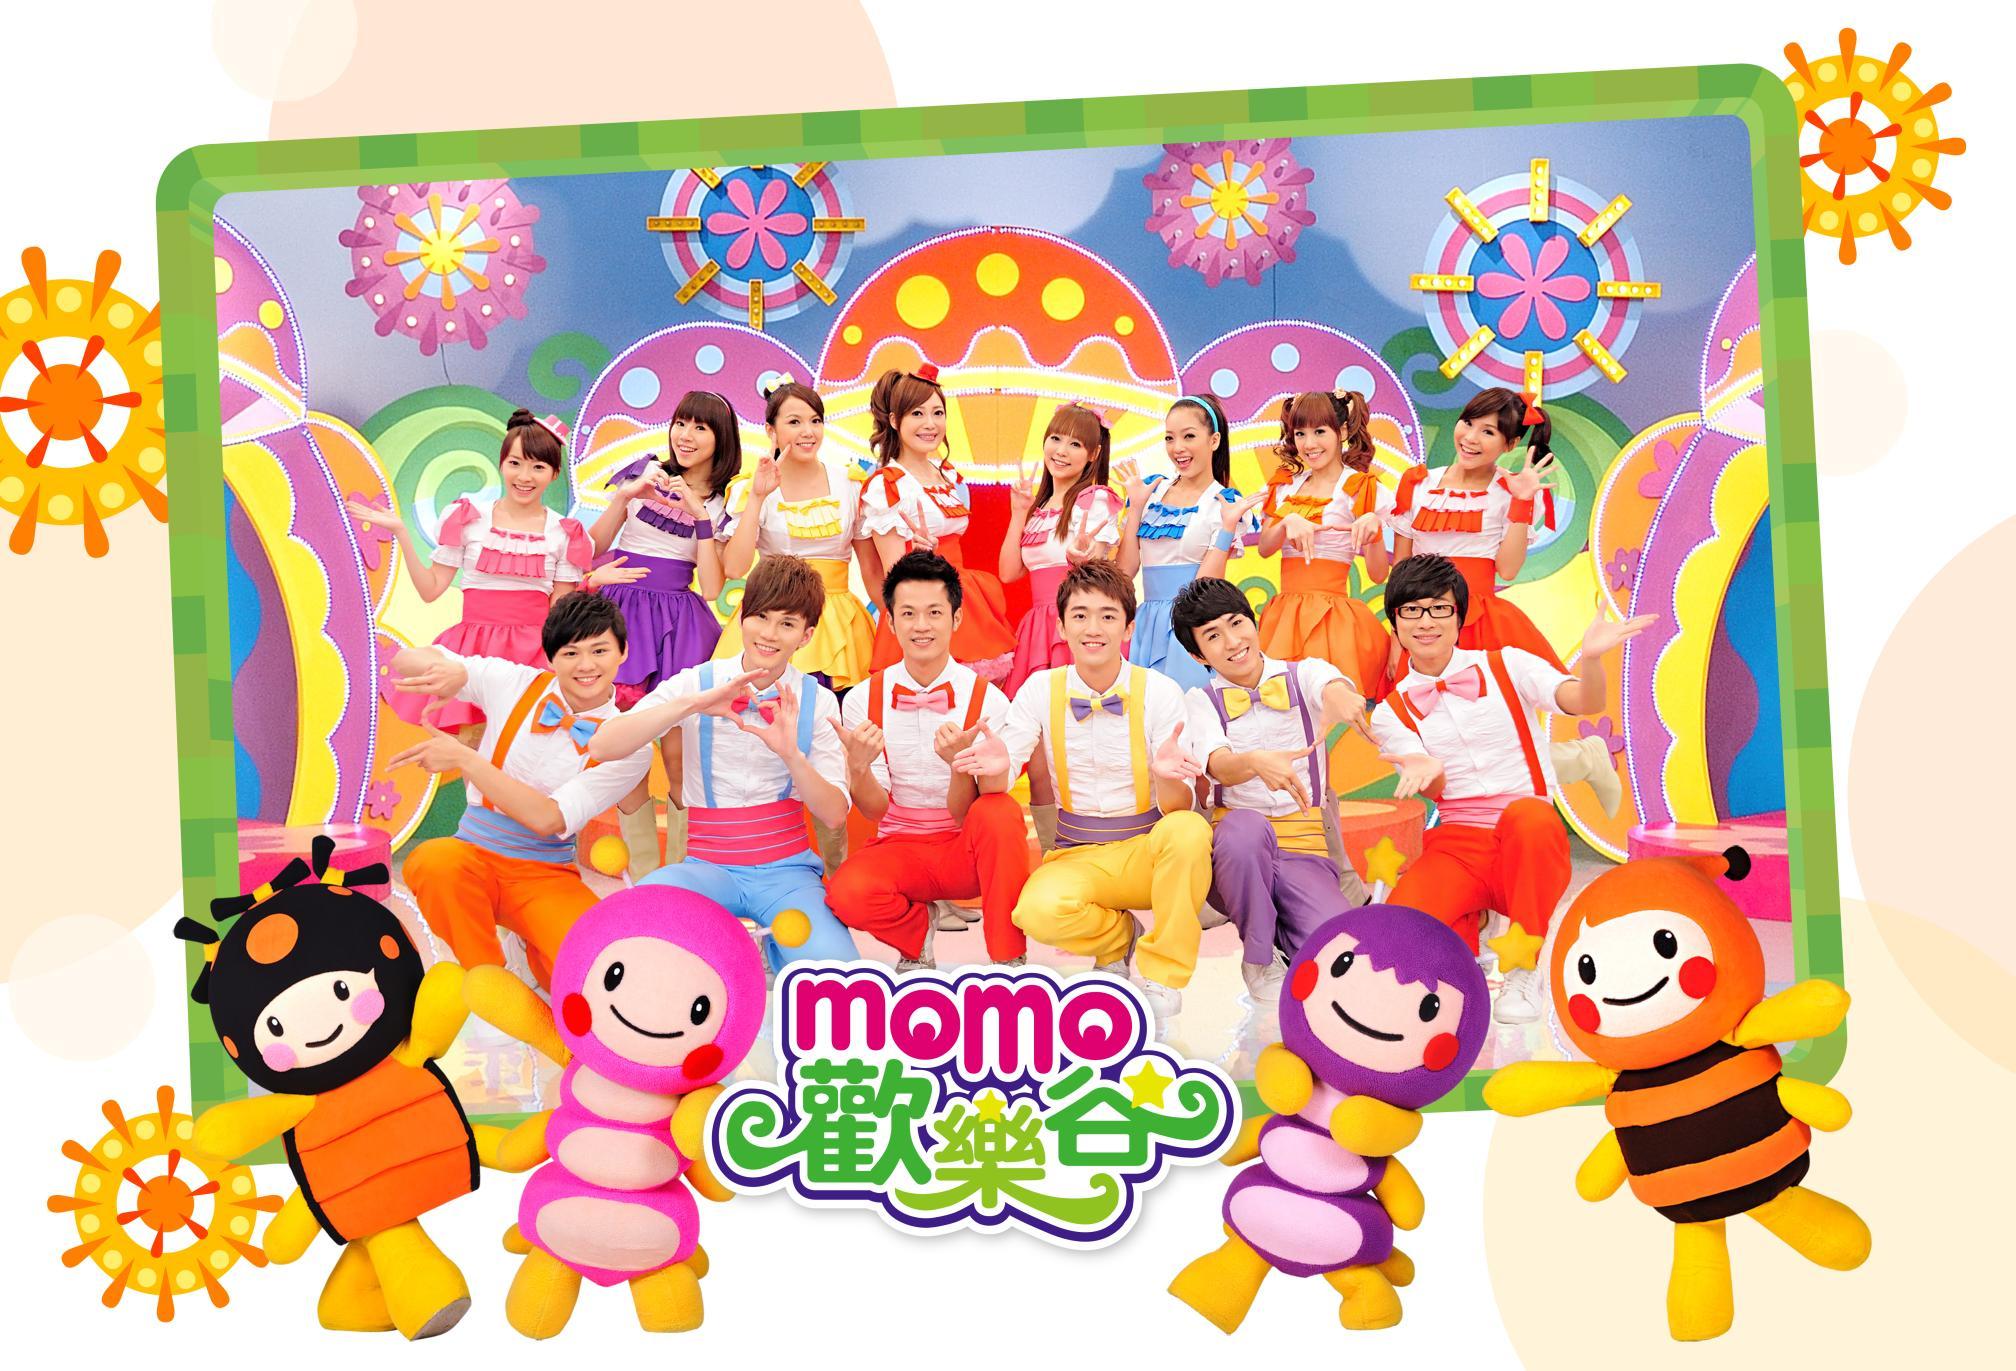 MOMO歡樂谷第五季劇照 3